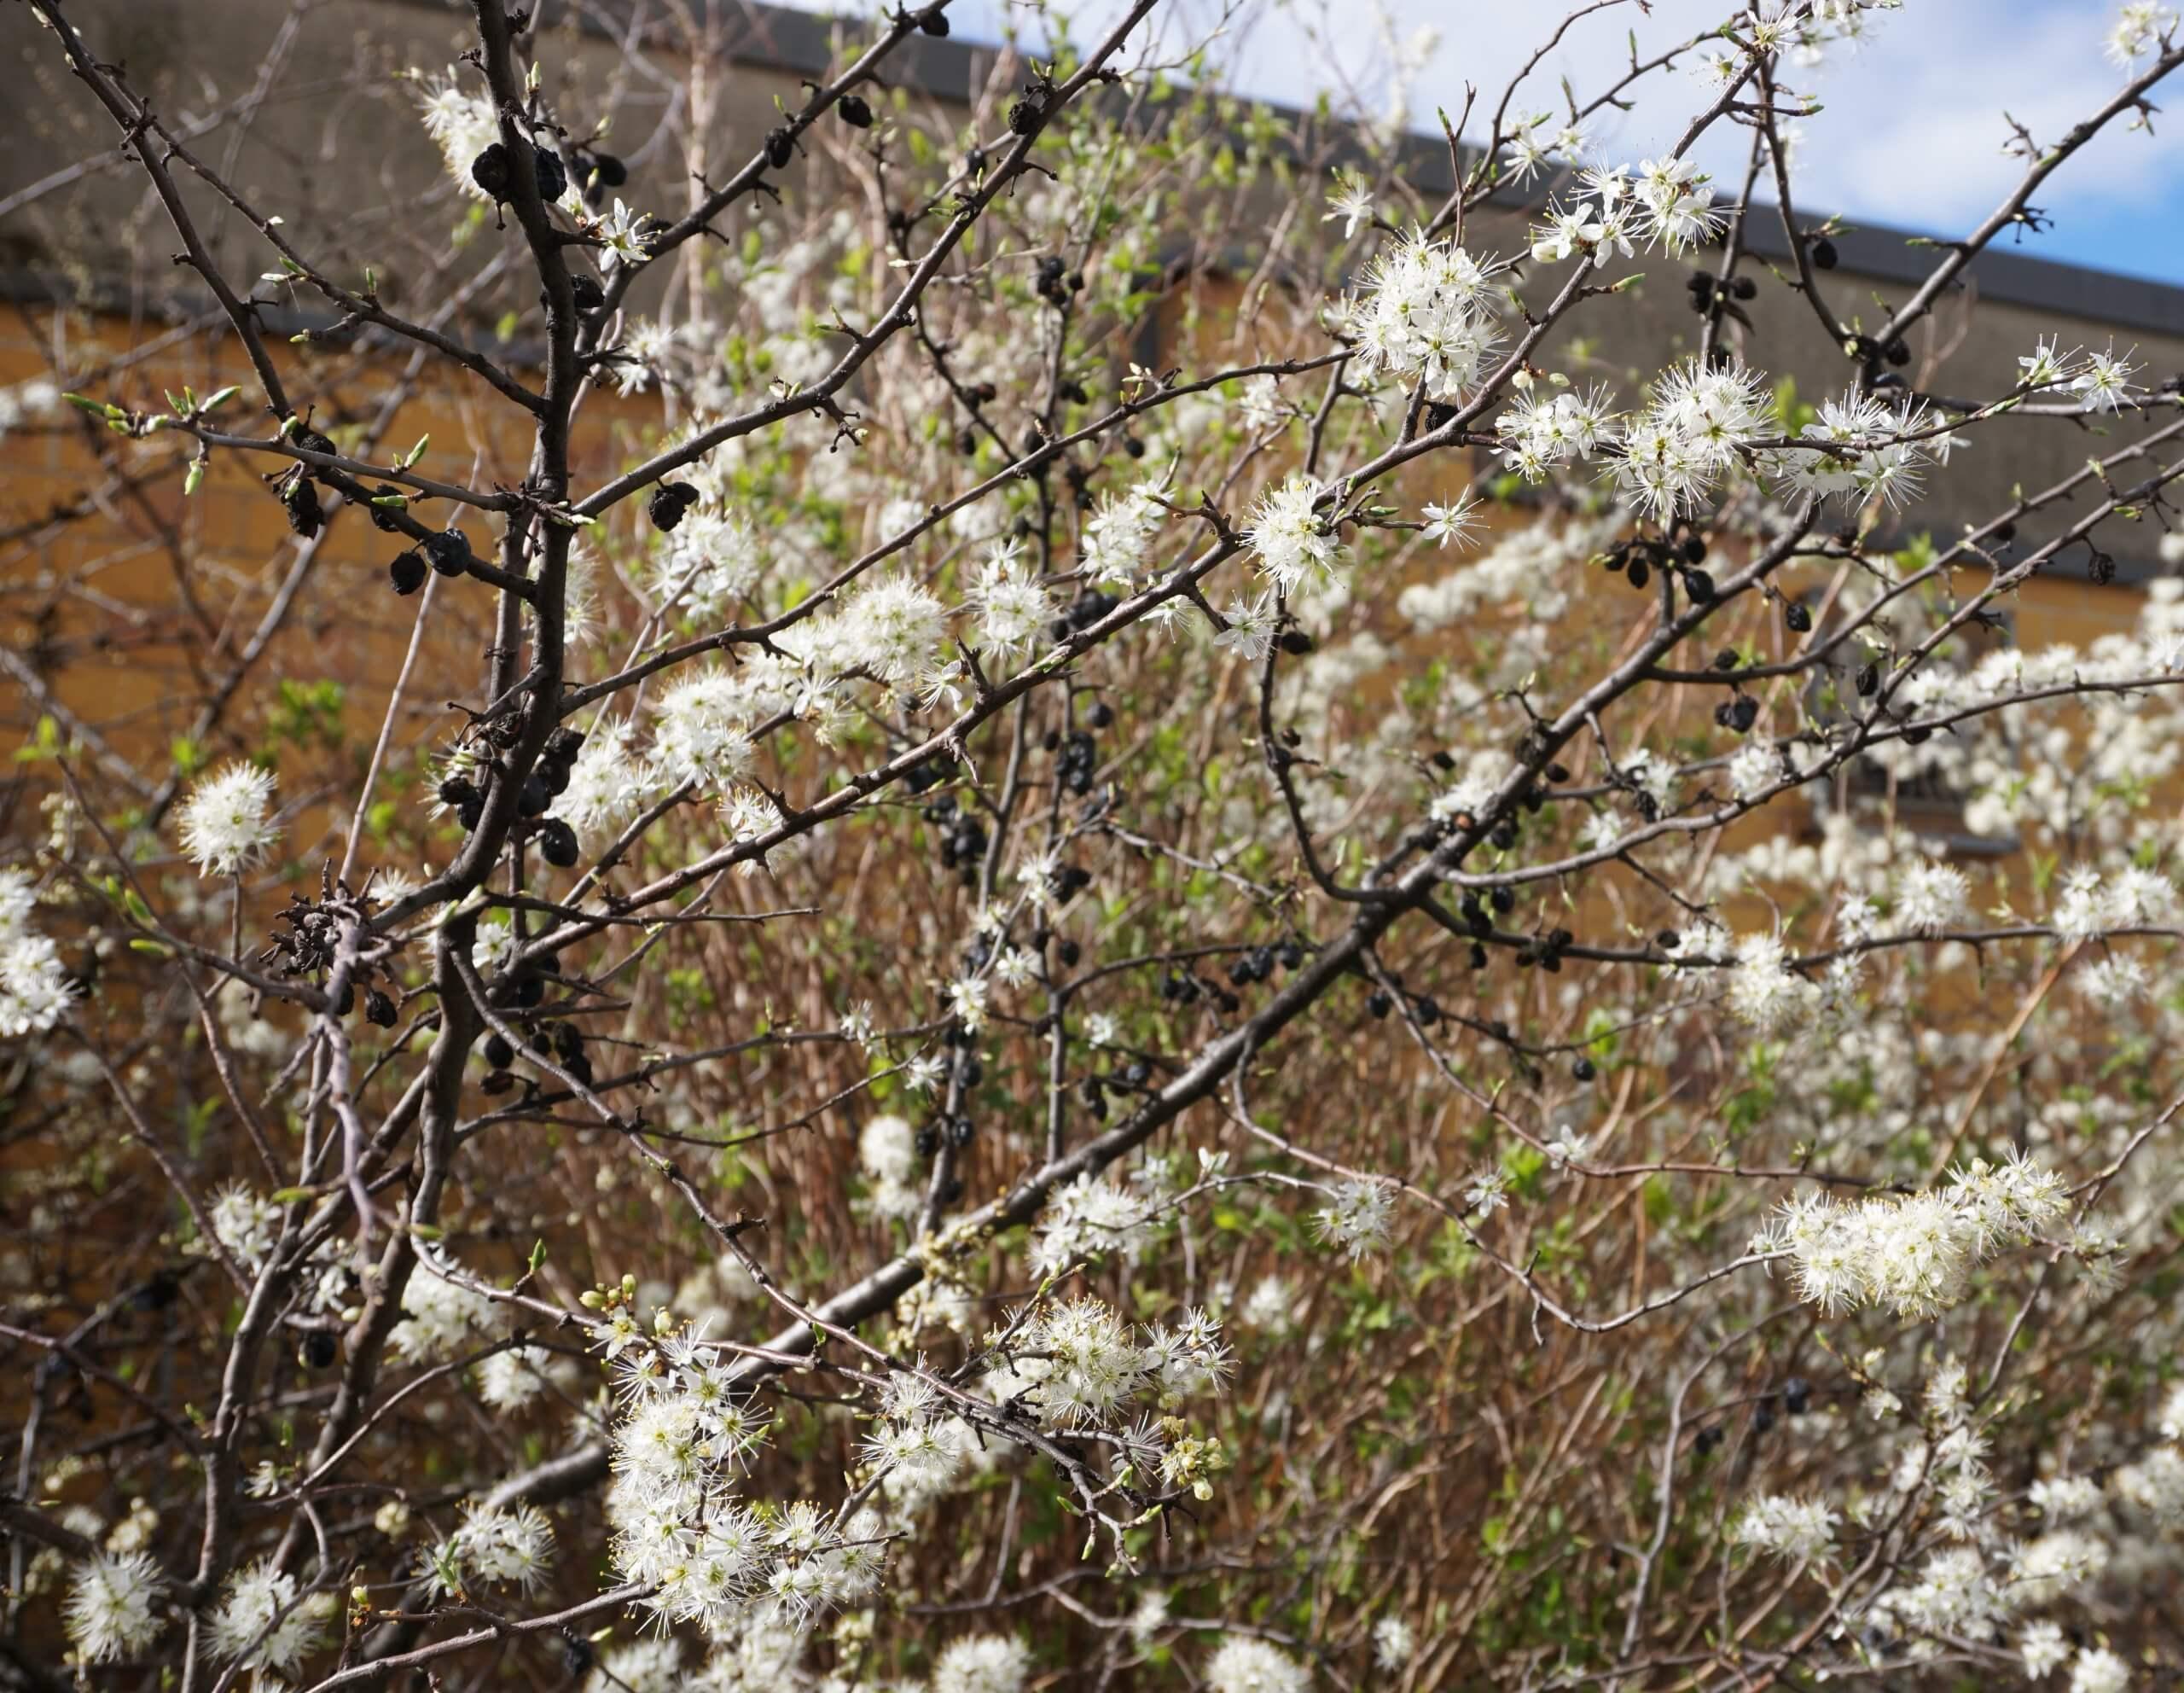 Das Bild zeigt einen blühenden Schlehdorn im März, an dem noch einige verschrumpelte schwarze Steinfrüchte hängen.